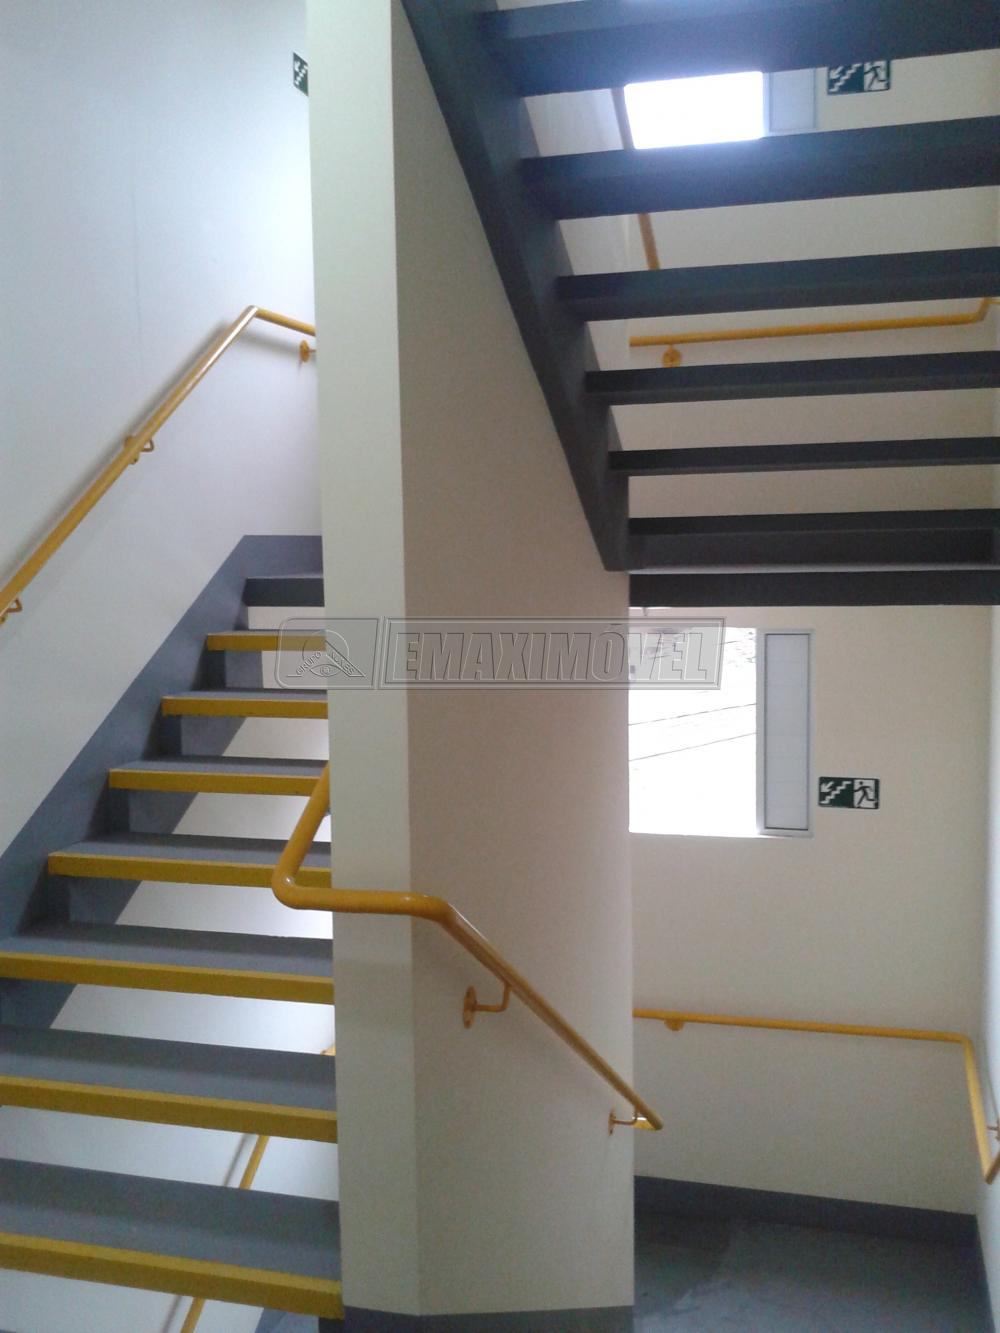 Comprar Apartamento / Cobertura em Sorocaba R$ 249.000,00 - Foto 20